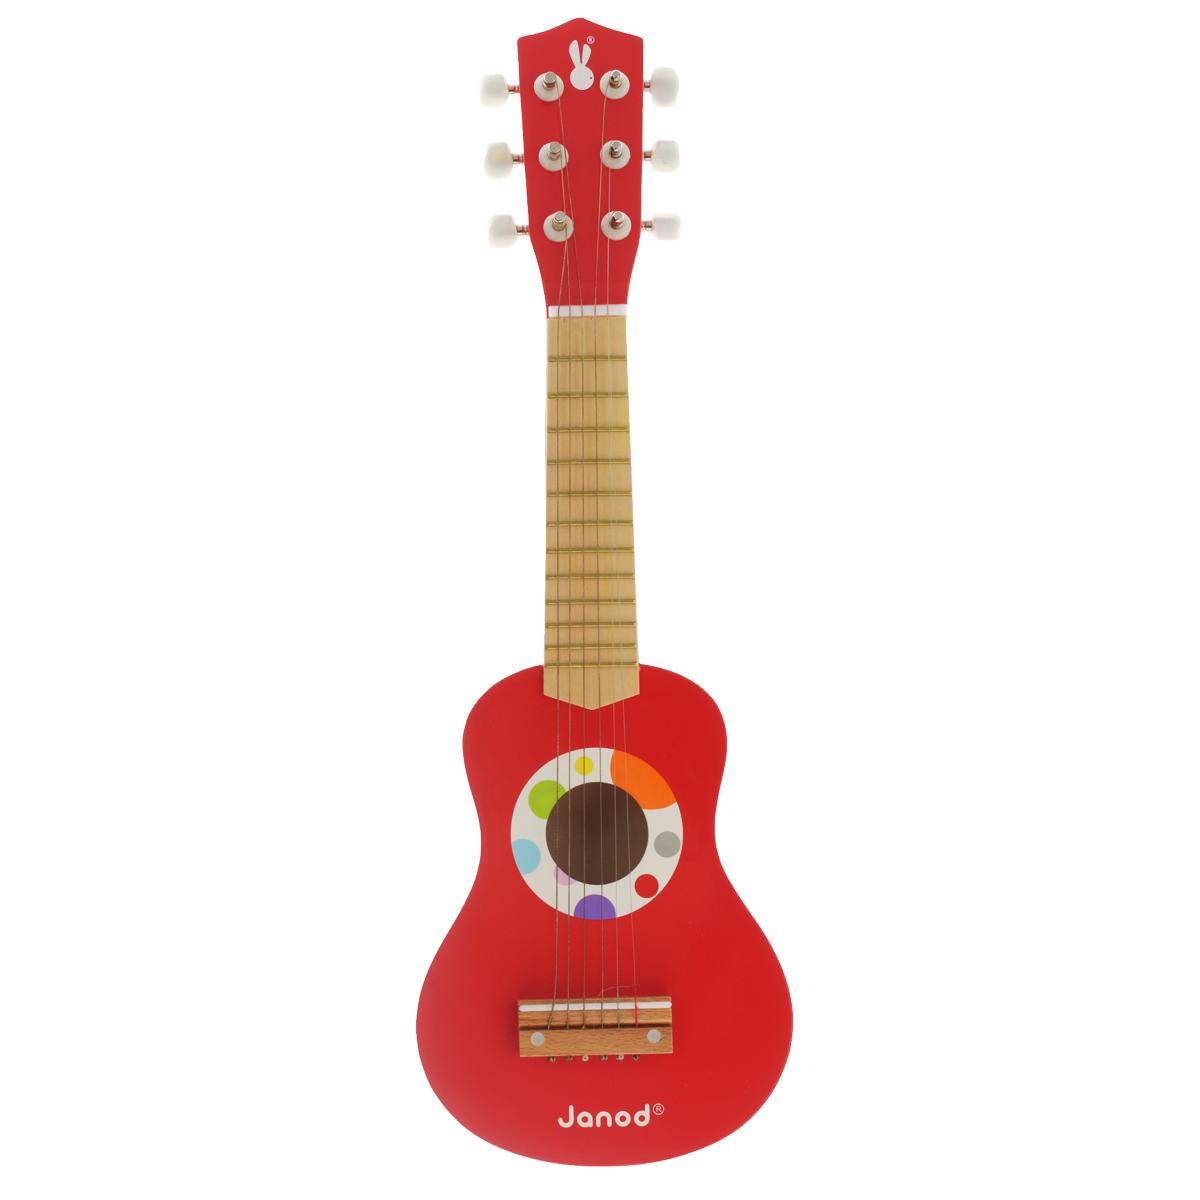 Janod Гитара цвет красный купить дублета плюс